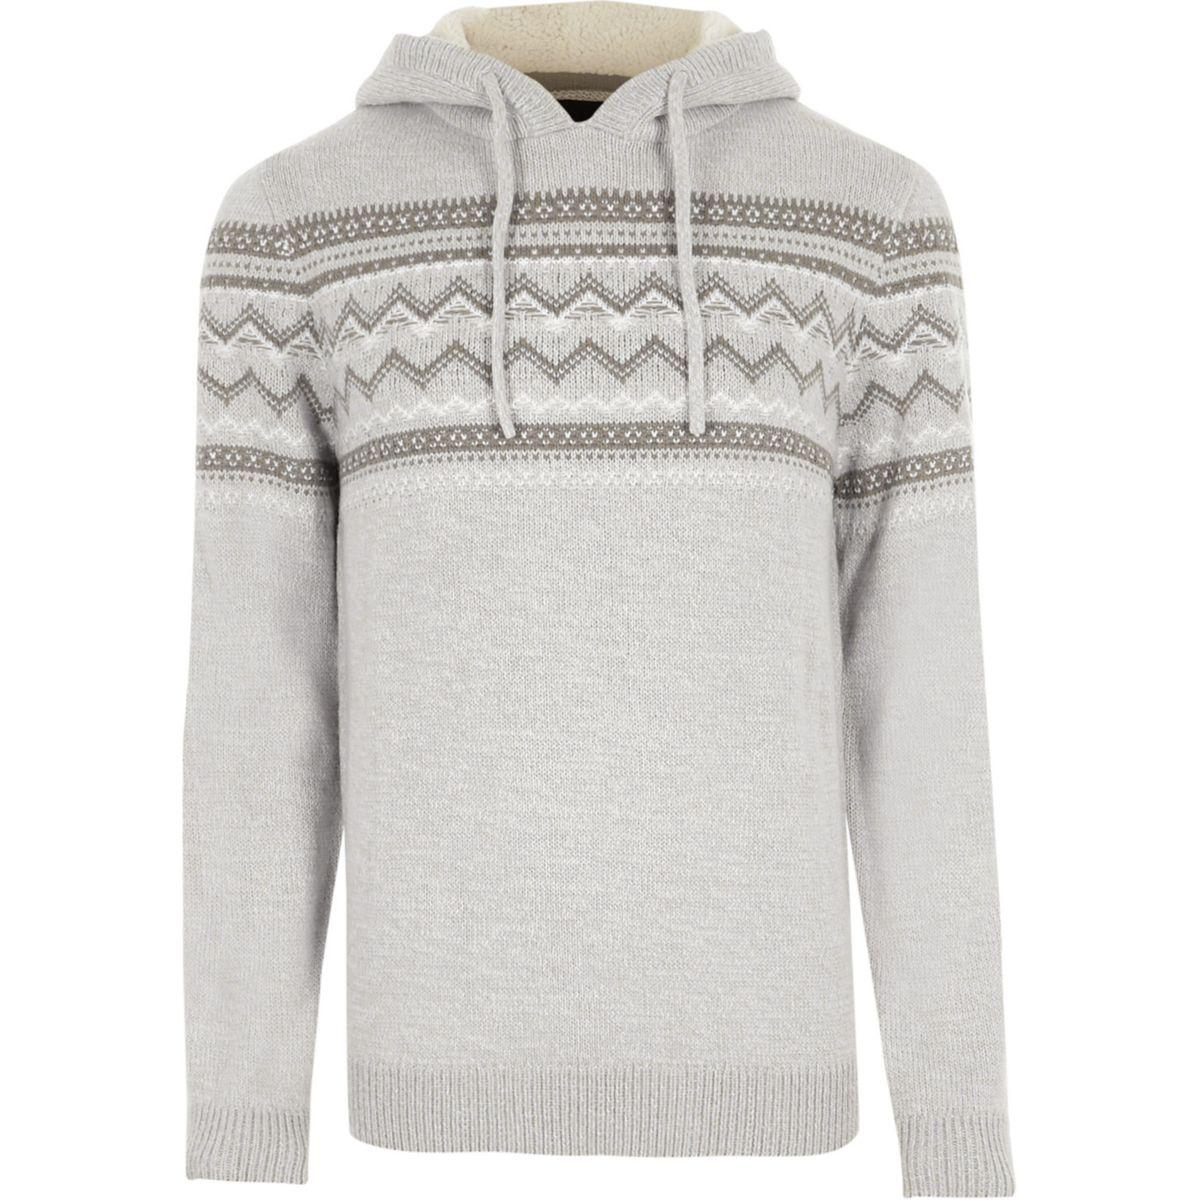 Light grey Fairisle knit sweater